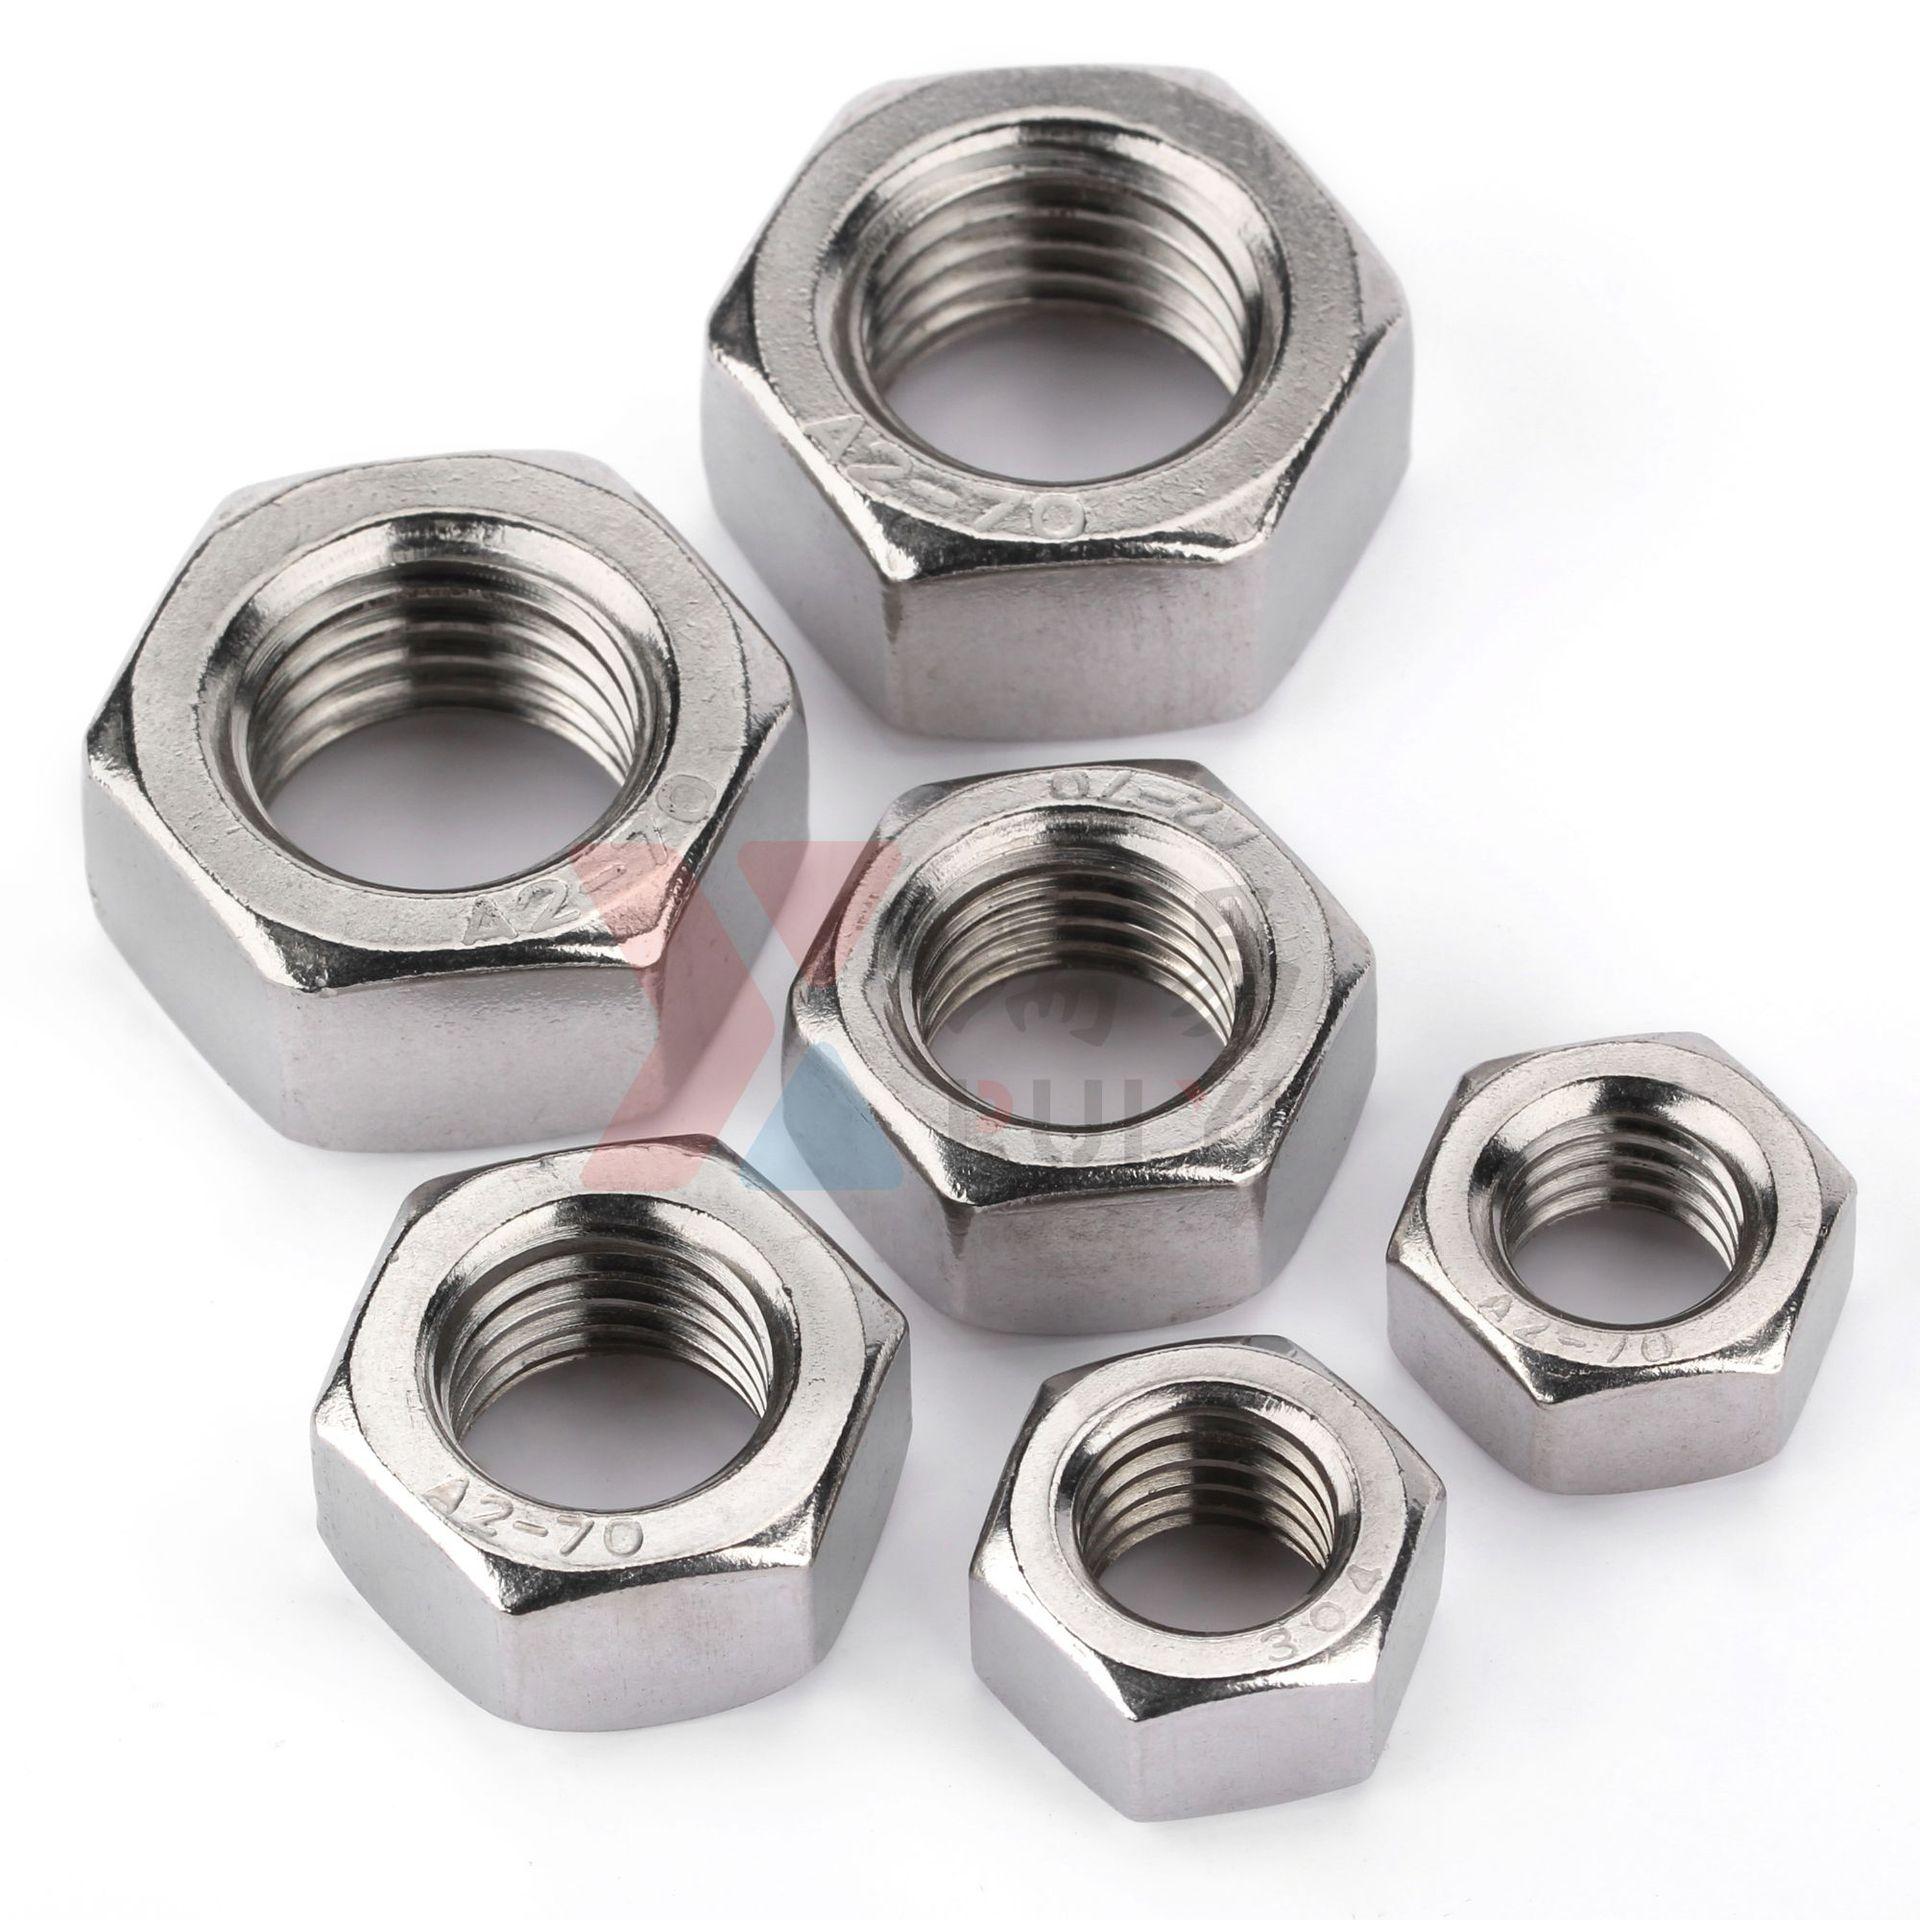 RUIYI Tán Giá thép không gỉ 304 đai ốc bằng thép không gỉ A2 nắp vặn DIN934 hex nut M1.2M1.6-M36